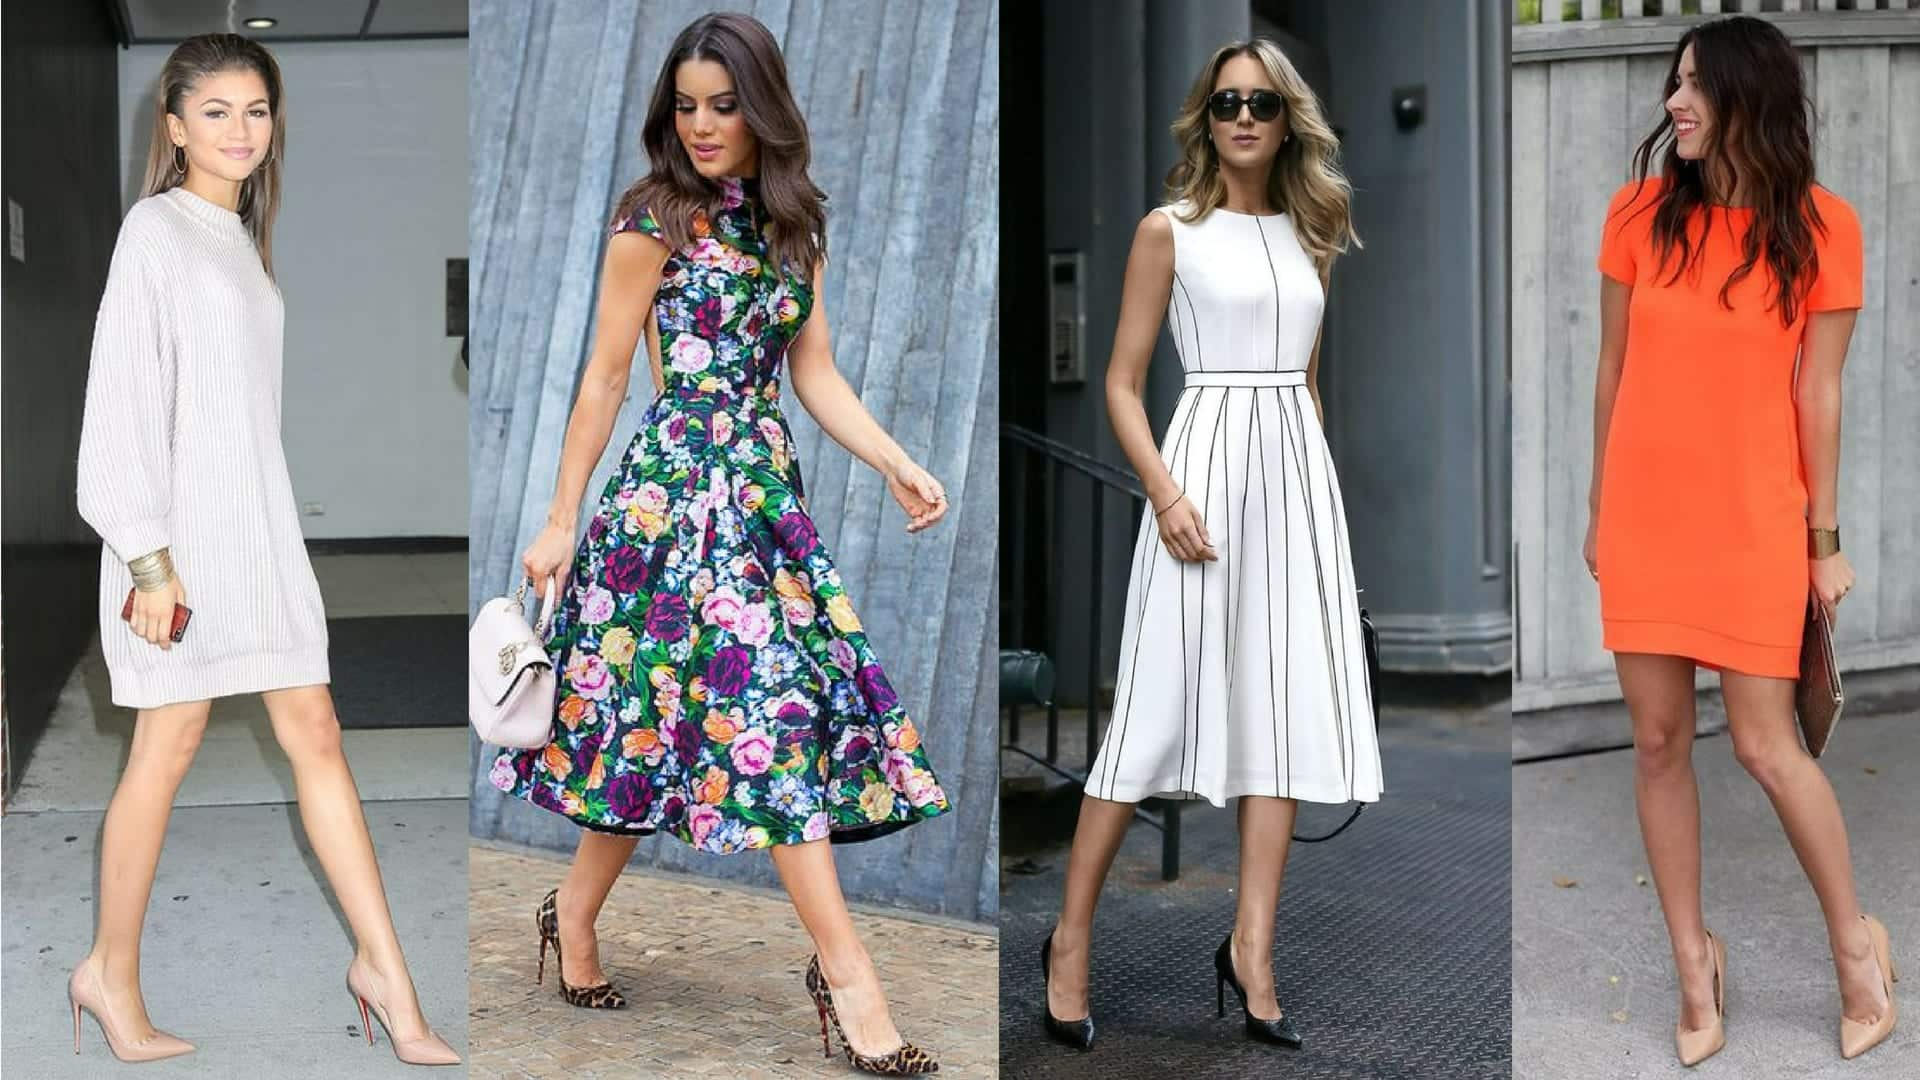 Modelos de vestidos - Qual o ideal para cada tipo de corpo?